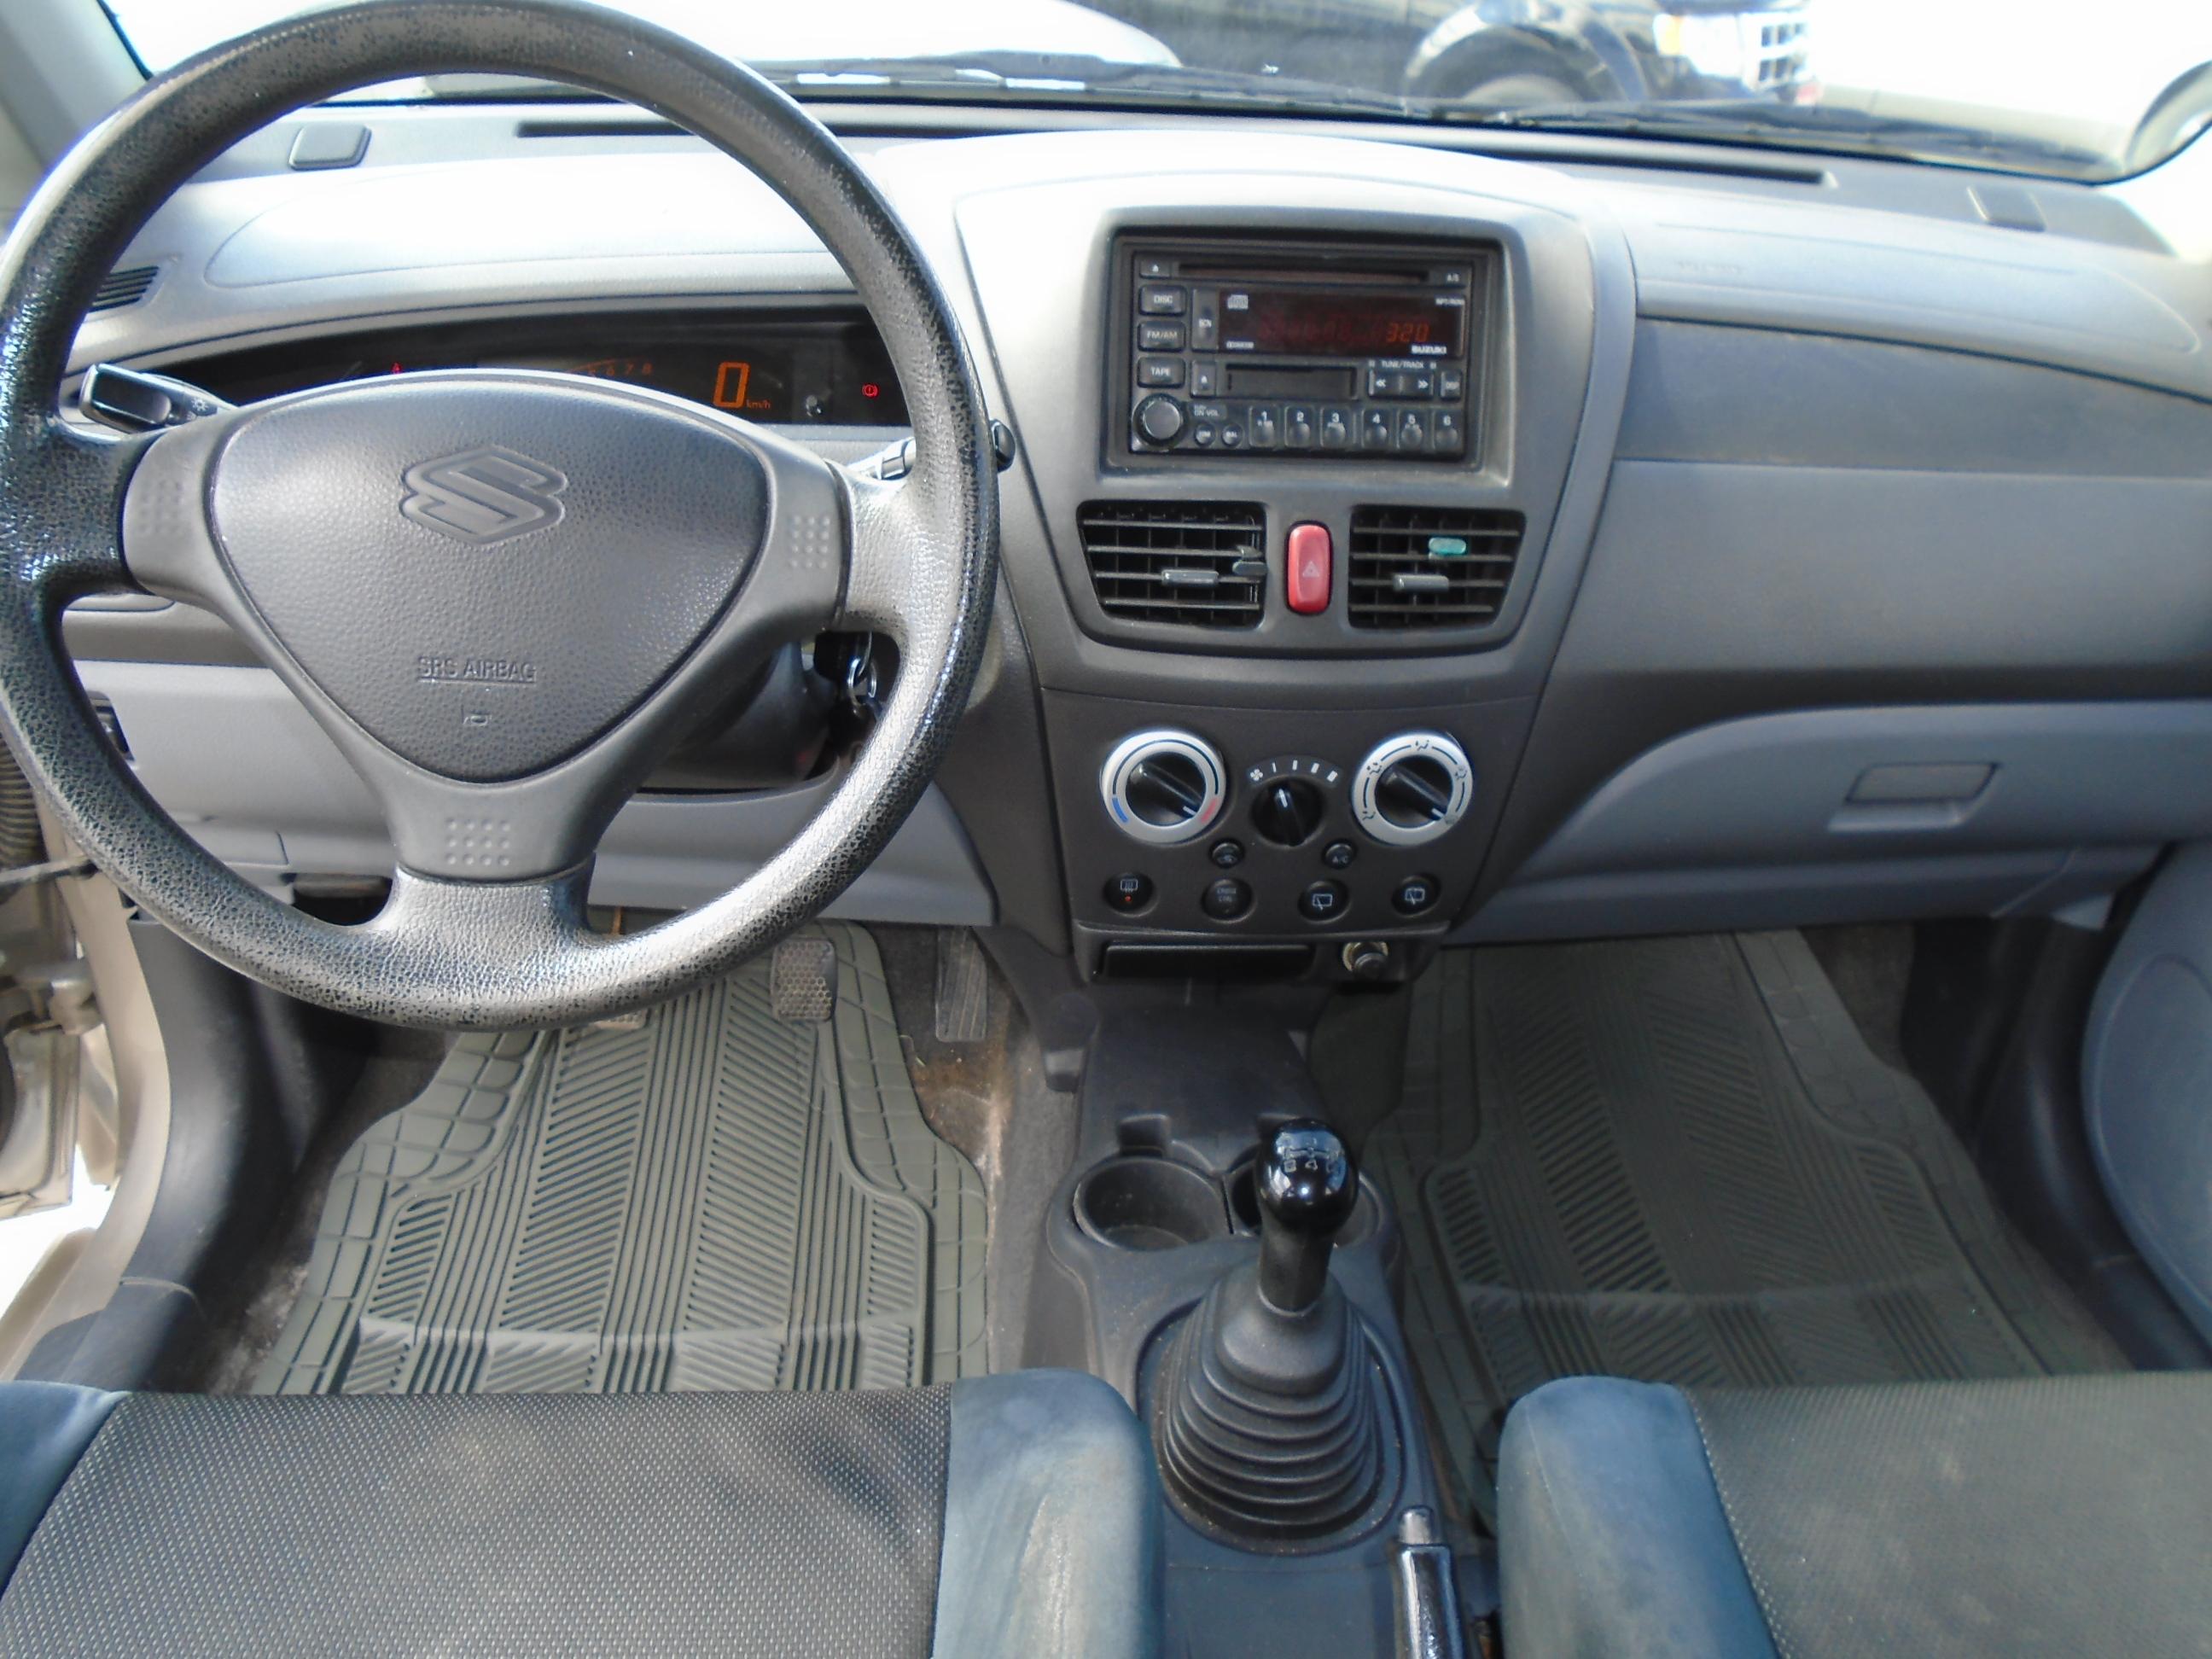 2003 Suzuki Aerio Hatchback Modified